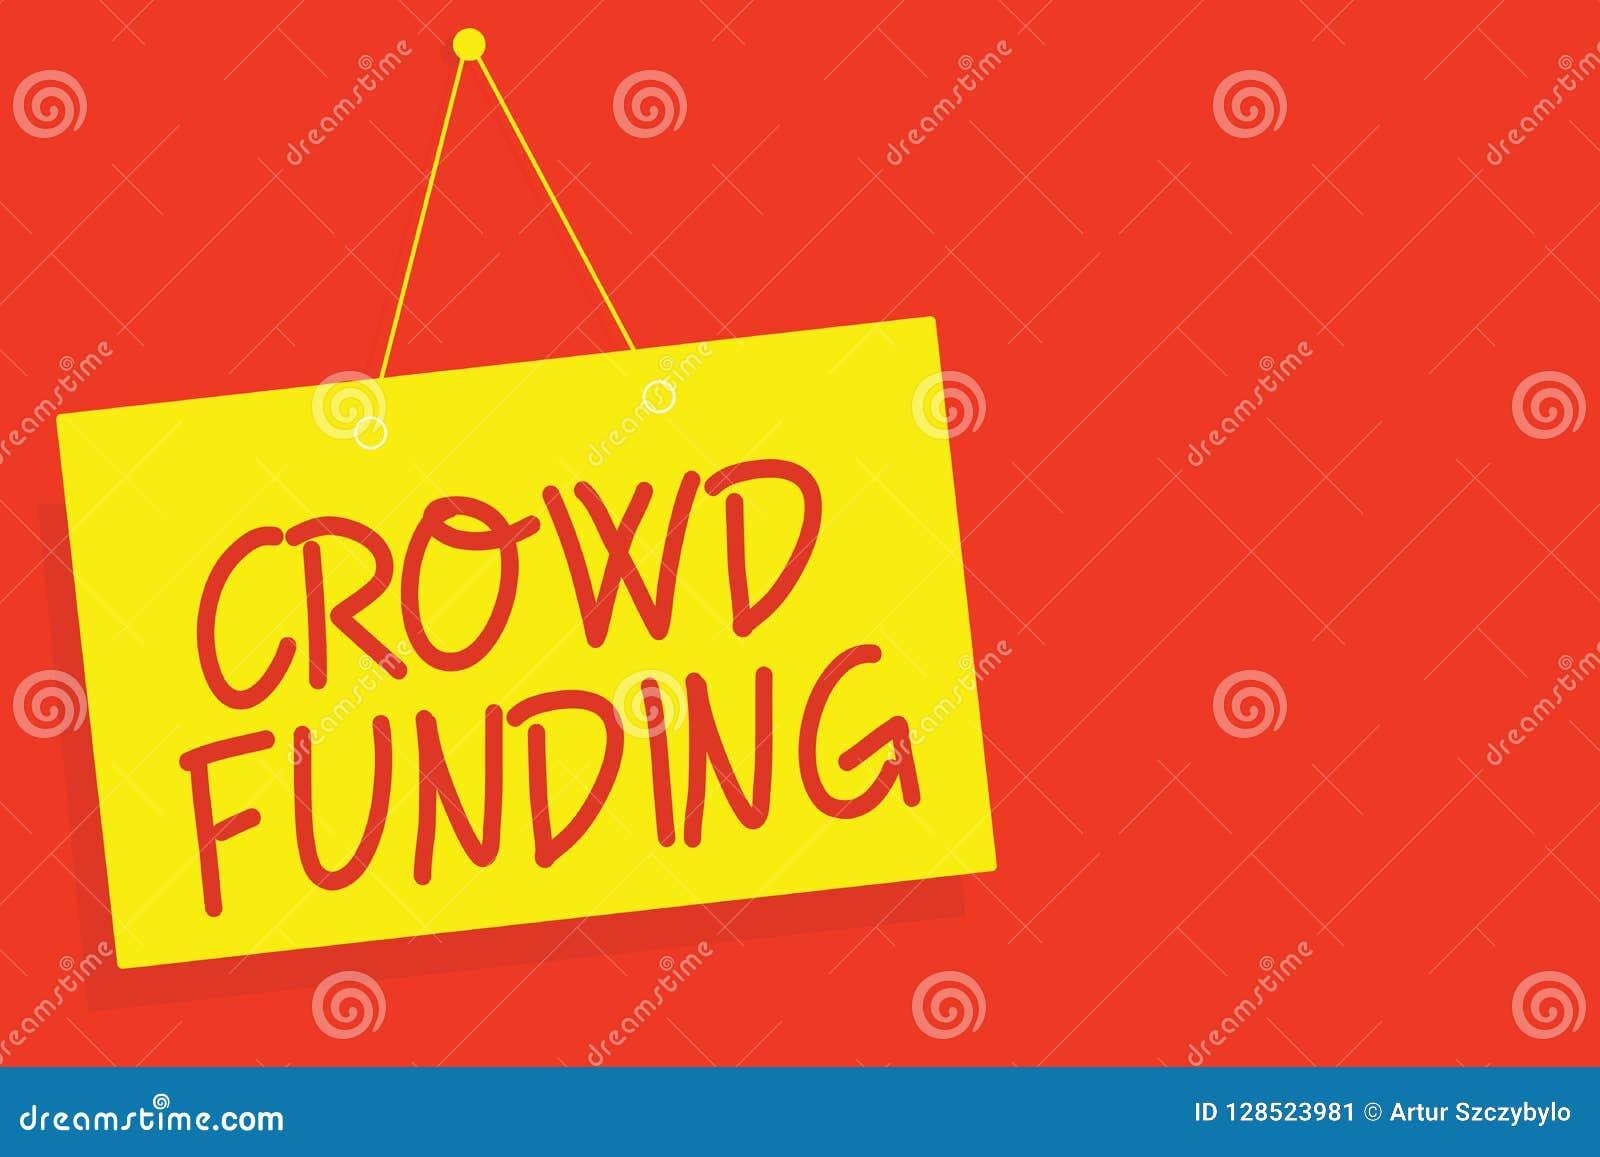 手写文本文字人群资助 概念意思筹款的Kickstarter起始的承诺平台捐赠染黄